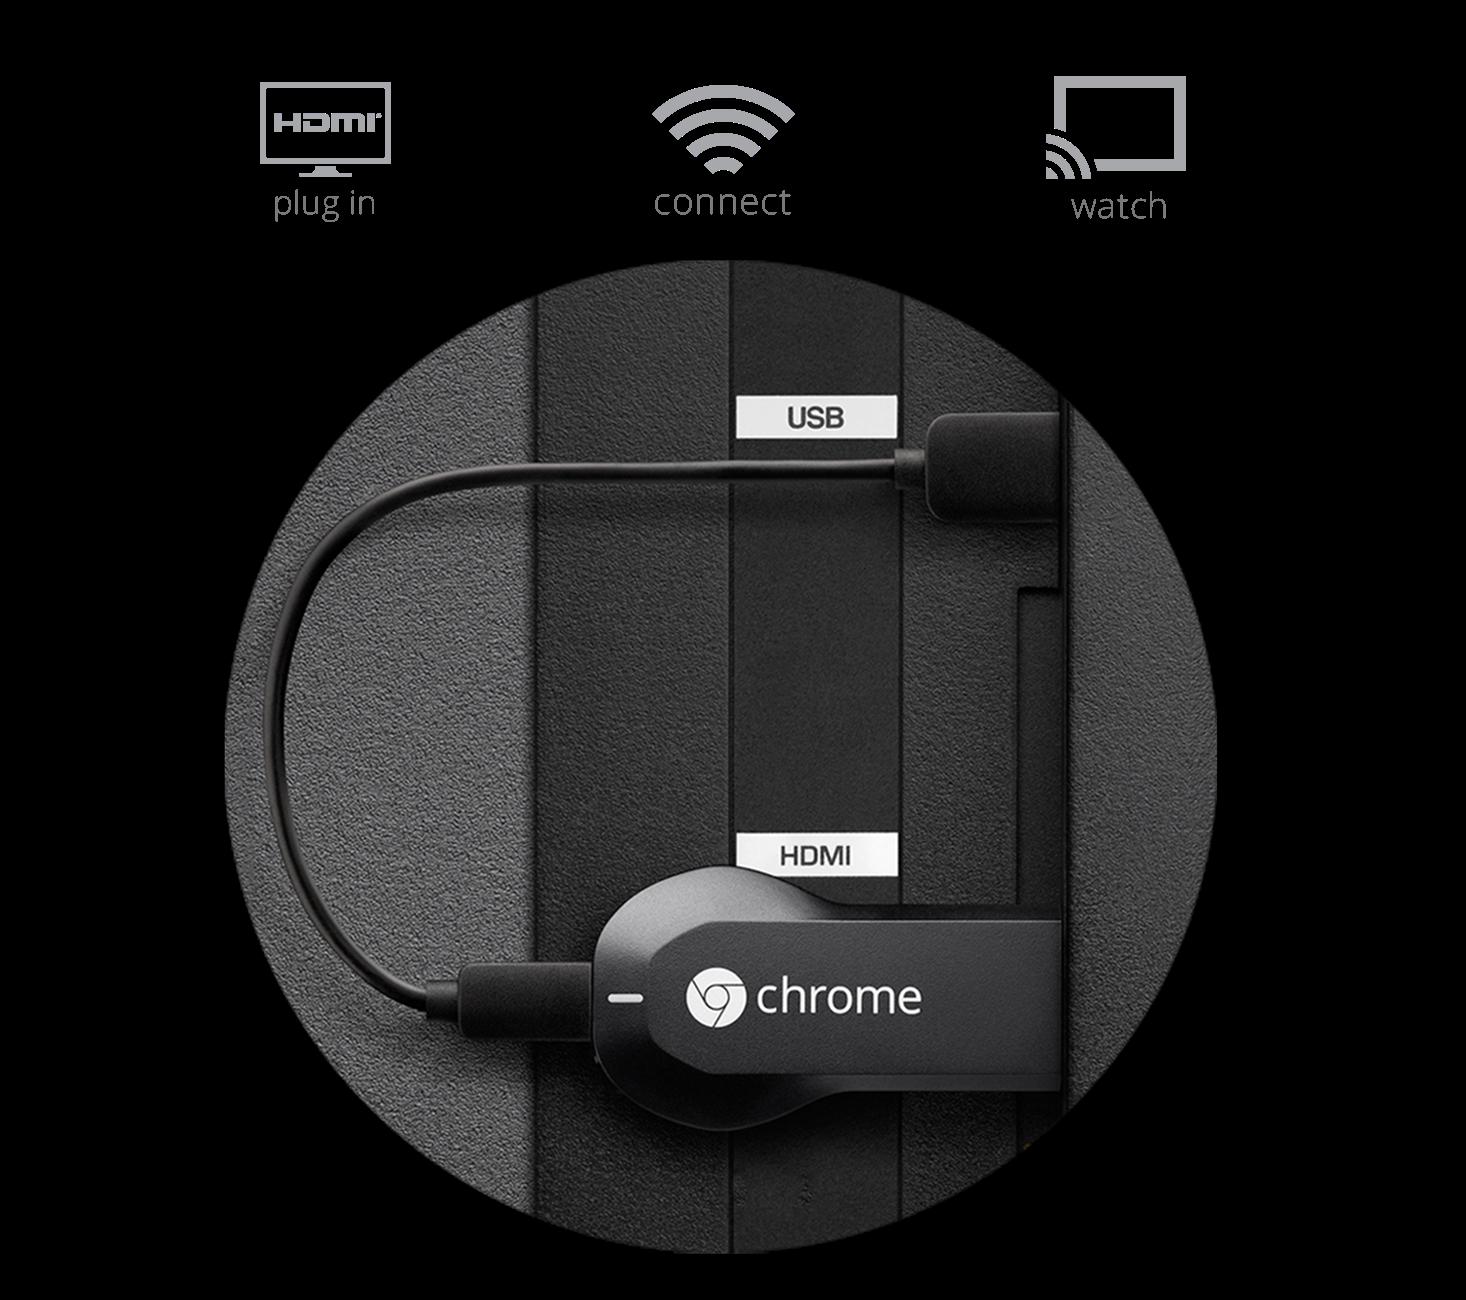 Chrome Auf Chromecast